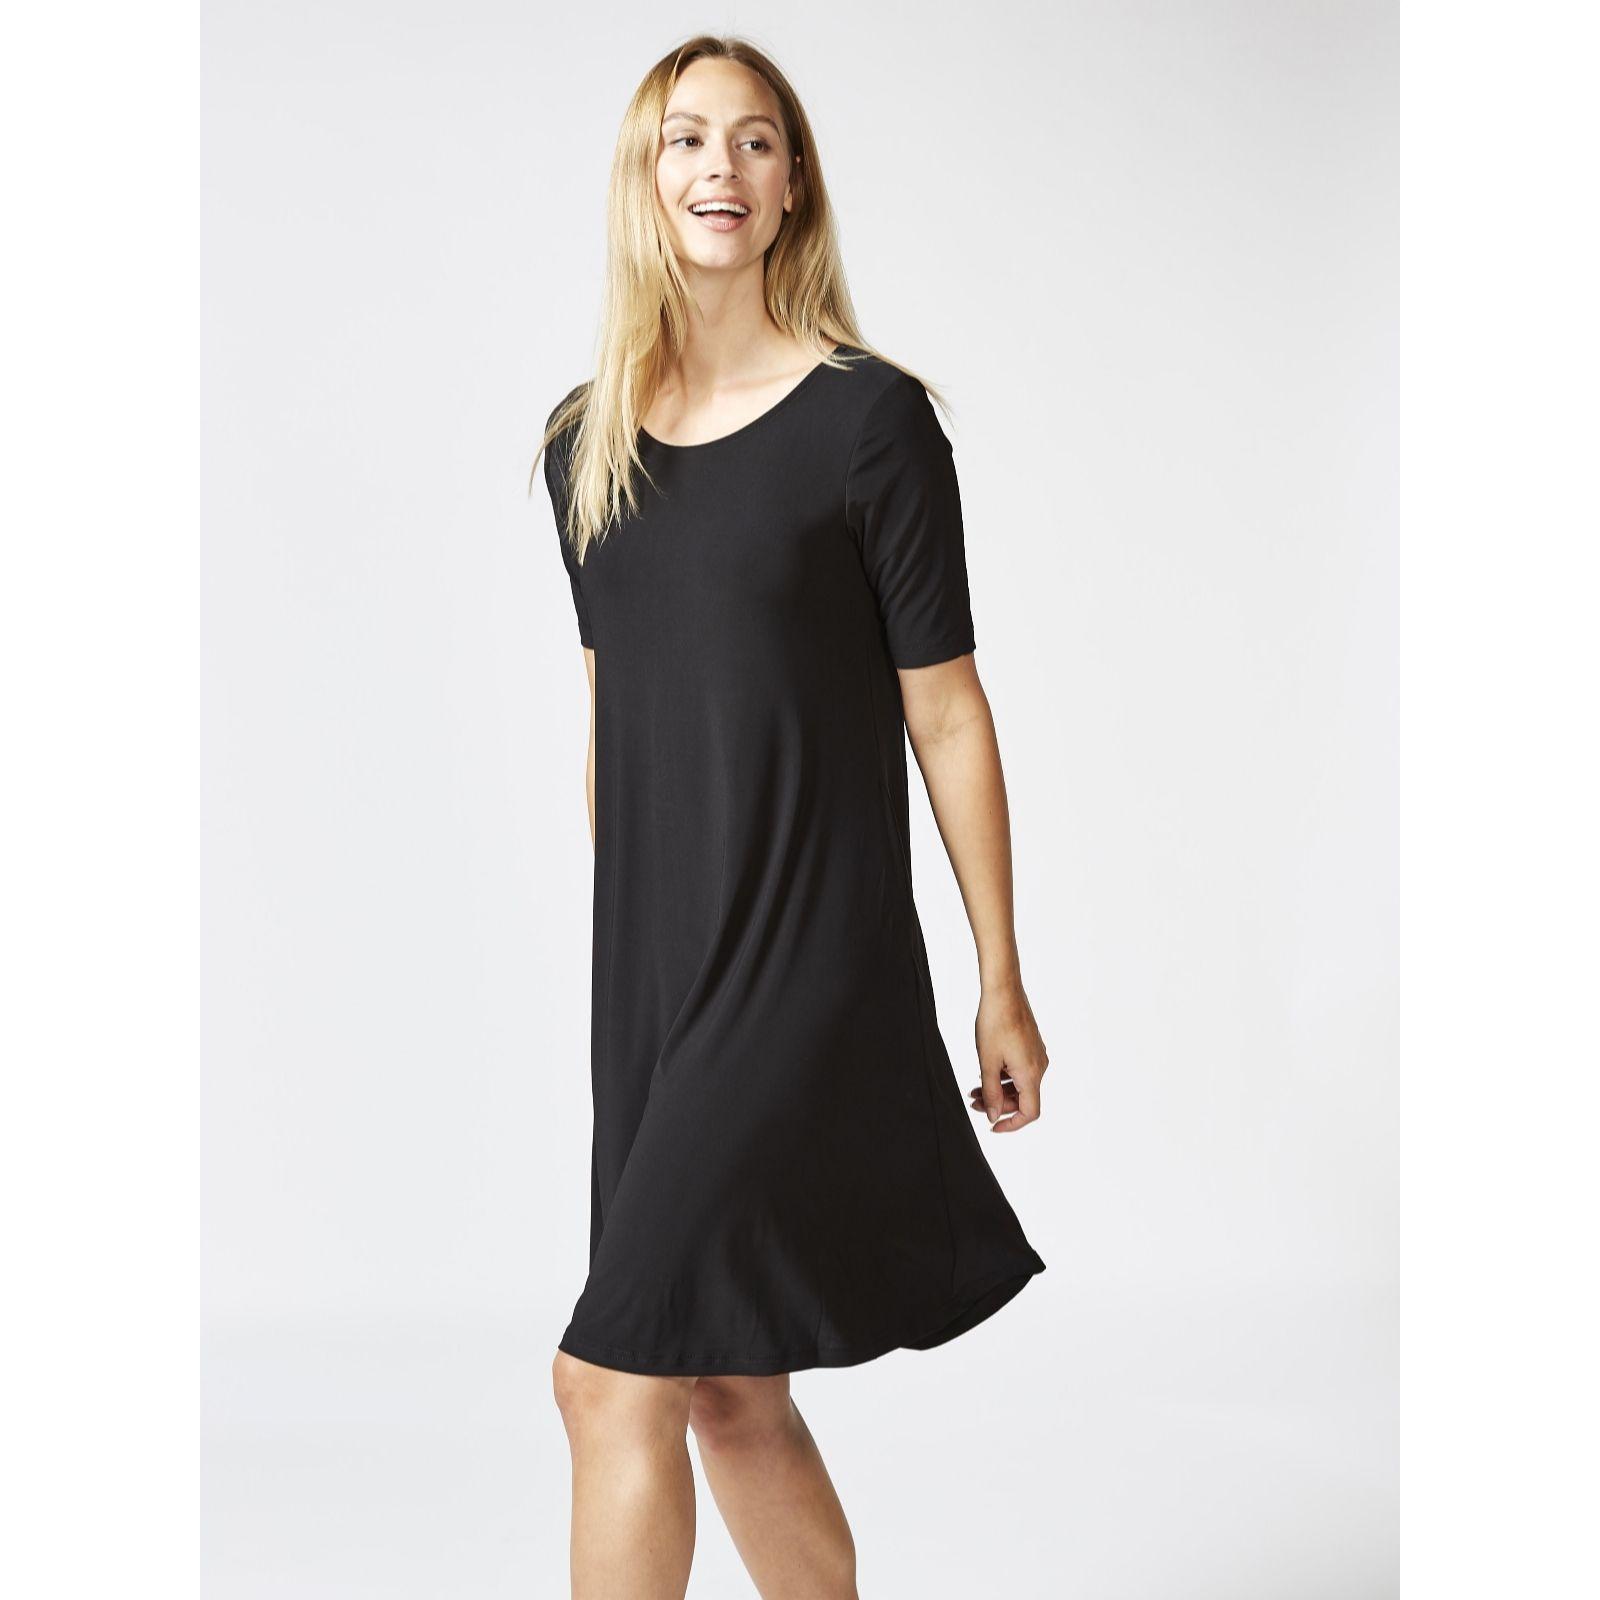 143348d4b7616 Qvc nina leonard fashions